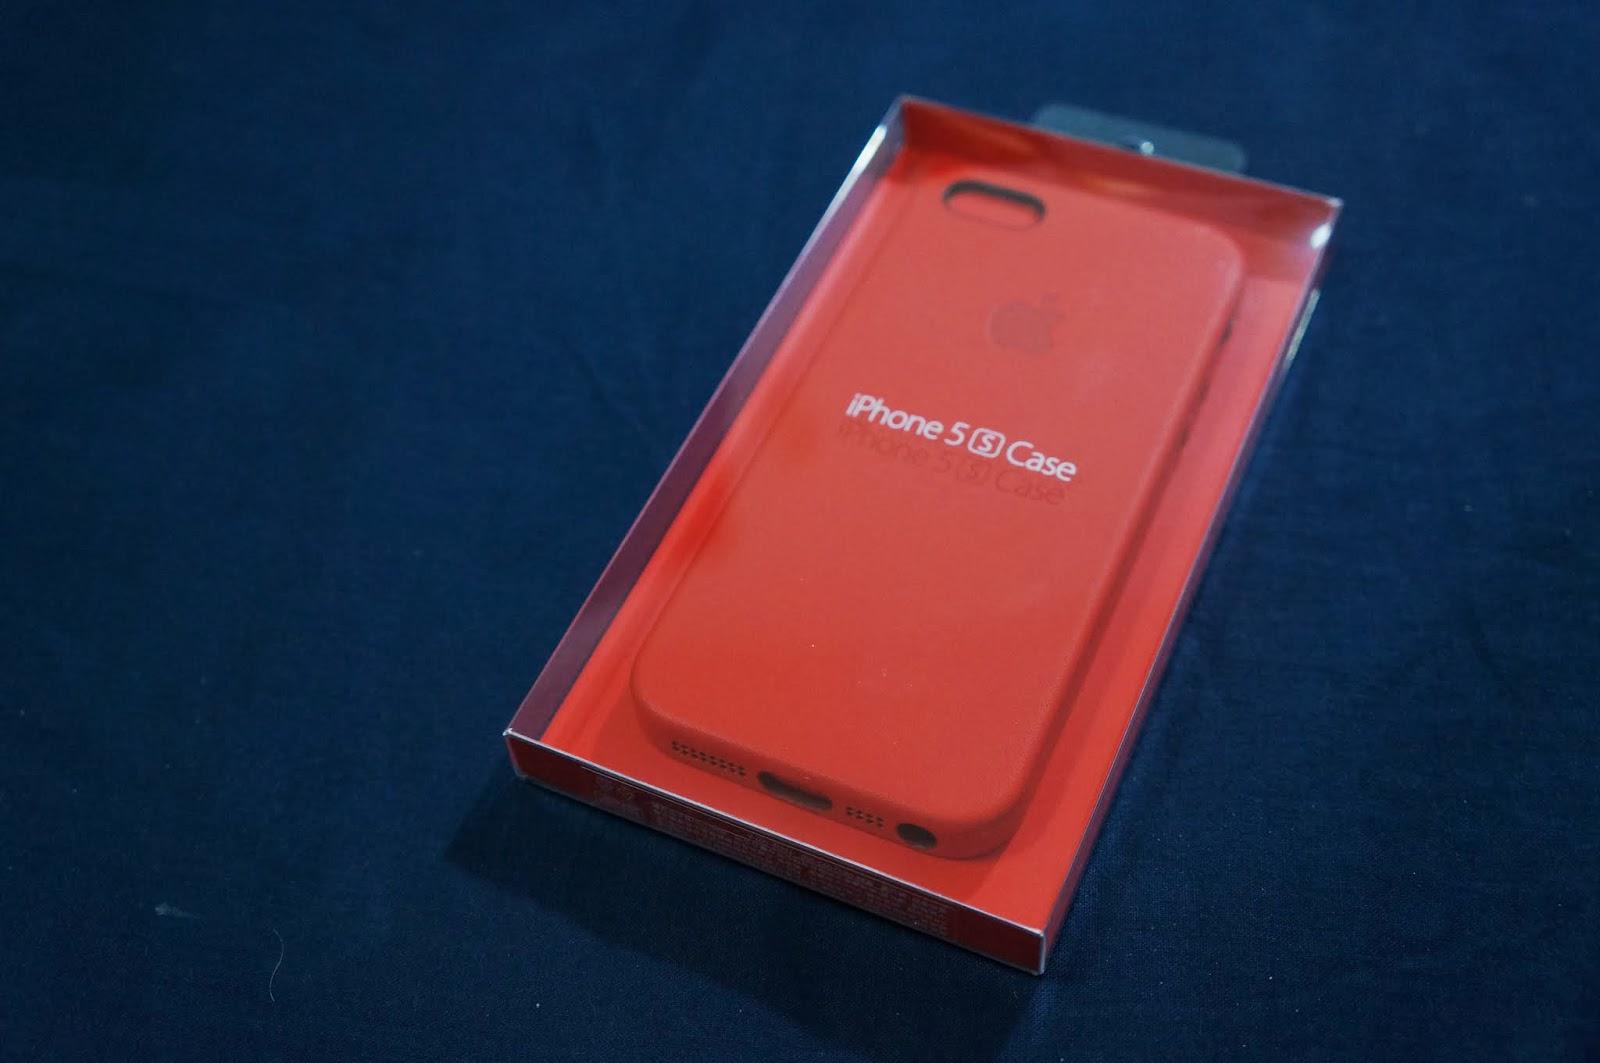 [開箱] iPhone 5s Case - (PRODUCT) RED